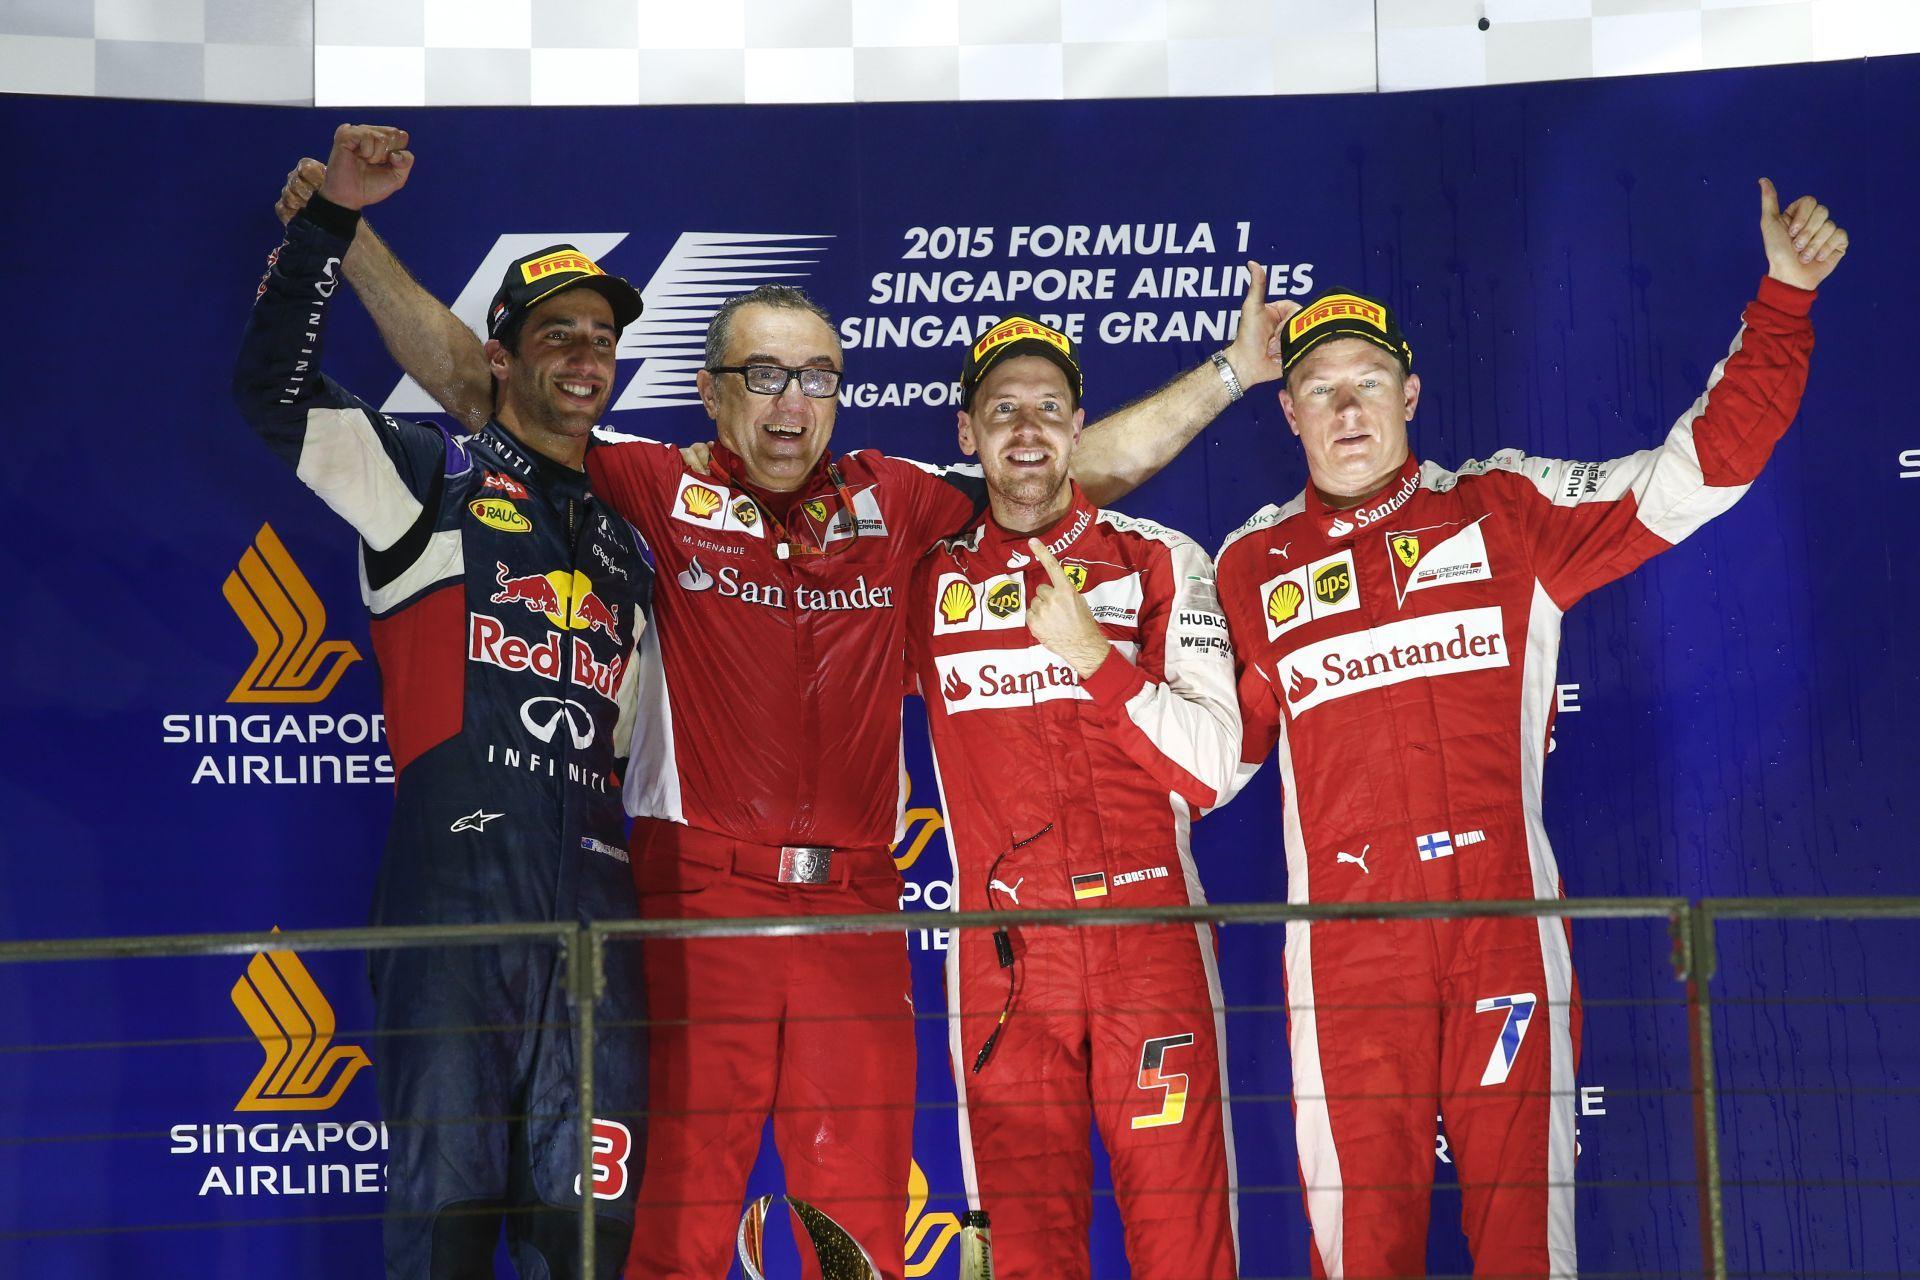 Vettel jobb, mint Raikkönen? A Ferrarit ez nem érdekli!